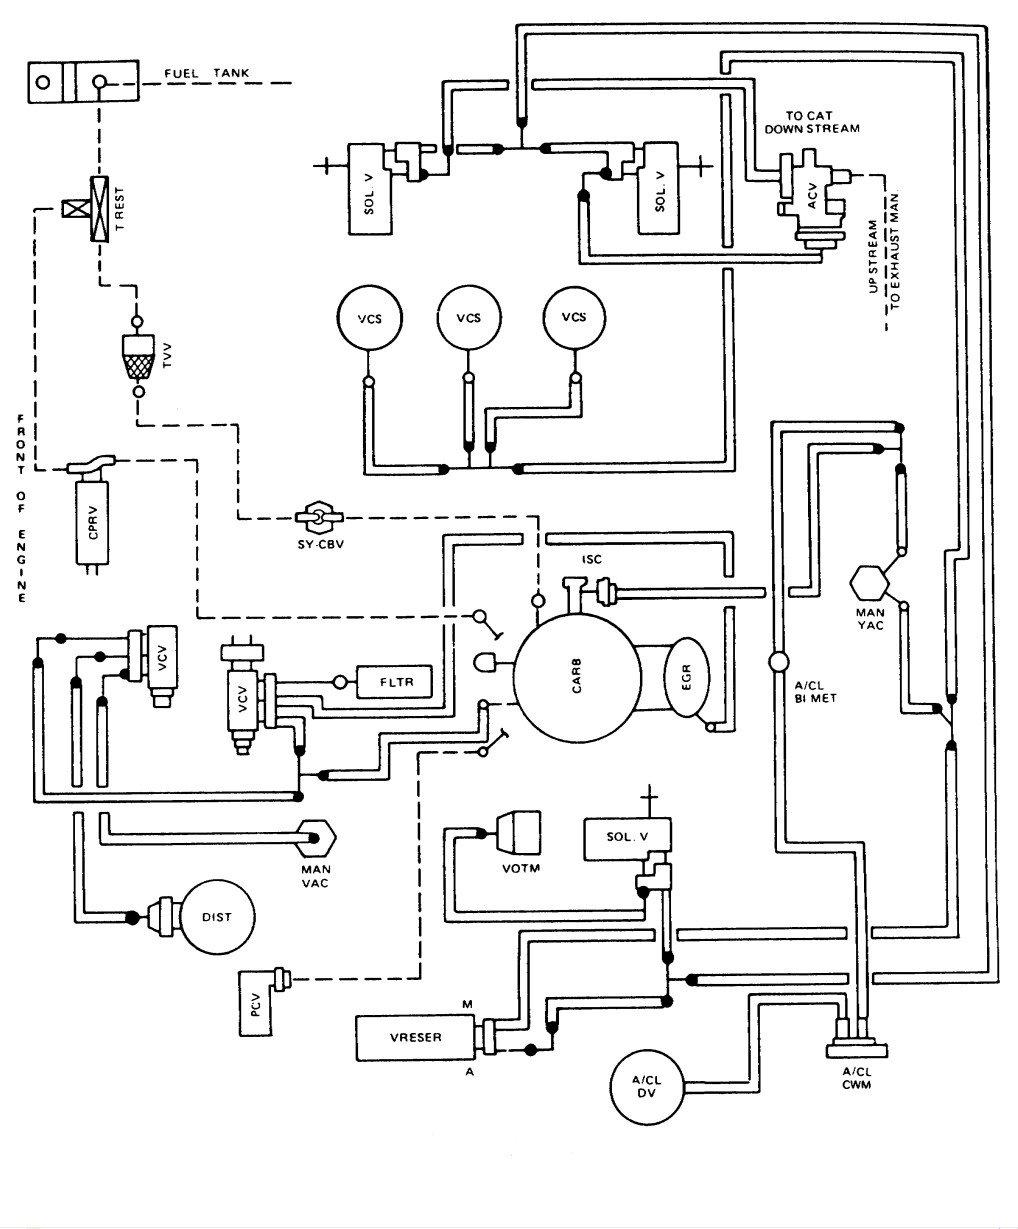 1ia7h Smog Vacuum Hose Diagram 1987 Ford E350 Engine 460 on 1985 E350 Ford 460 Engine Diagram